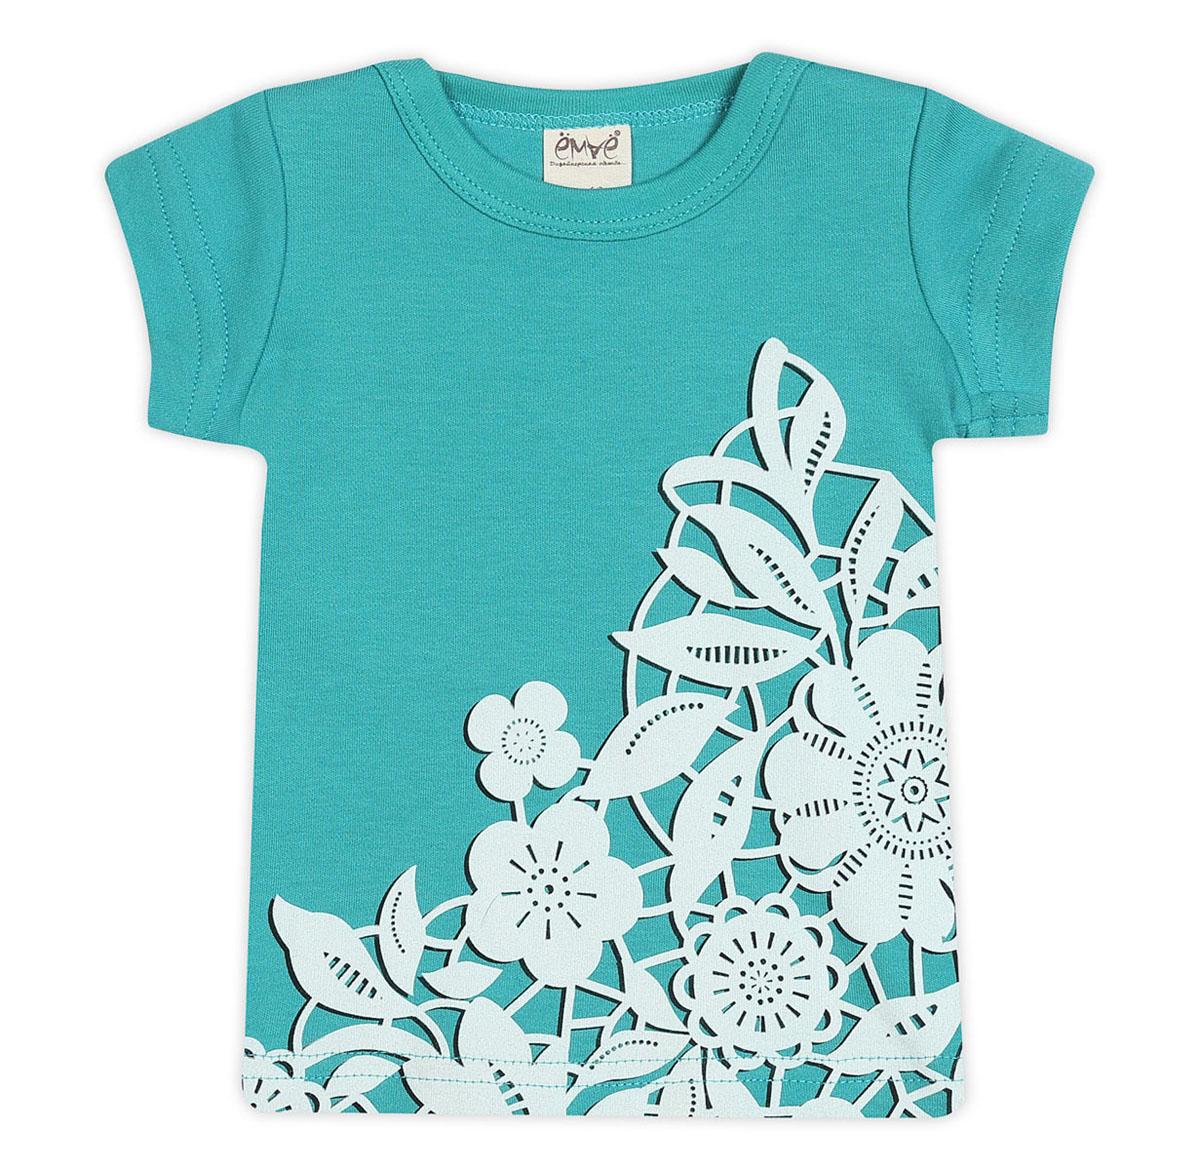 Футболка27-219Красивая футболка для девочки Ёмаё идеально подойдет вашему ребенку. Изготовленная из натурального хлопка, она мягкая и приятная на ощупь, не сковывает движения и позволяет коже дышать, обеспечивая комфорт. Футболка с круглым вырезом горловины и короткими рукавами имеет удобные застежки-кнопки по плечевым швам, что помогает при переодевании ребенка. Модель оформлена принтом, имитирующем кружево. Современный дизайн и расцветка делают эту футболку модным предметом детского гардероба. В ней маленькая принцесса всегда будет в центре внимания!